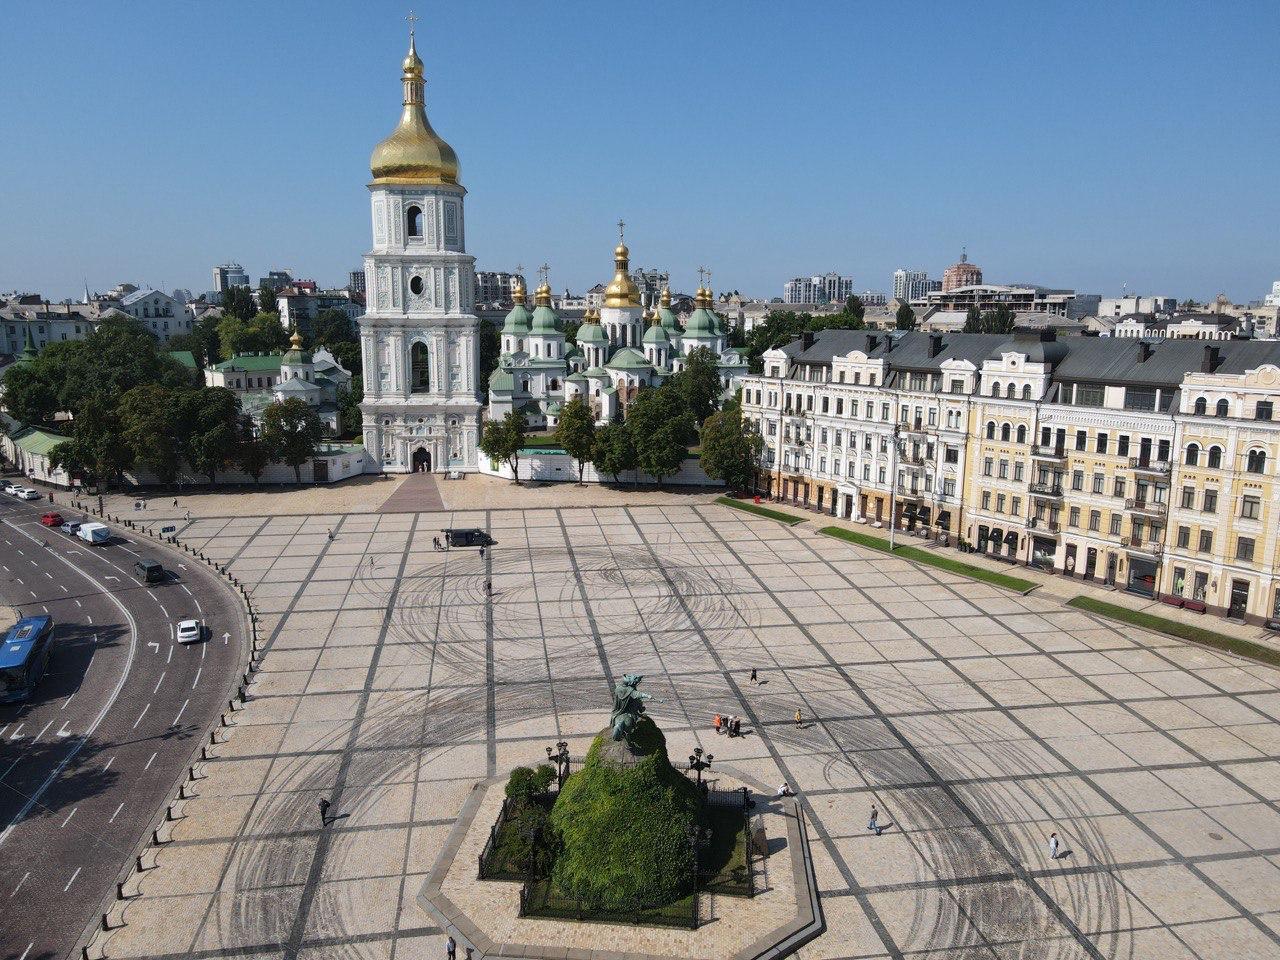 Водители-экстремалы устроили не согласованный дрифт на Софийской площади